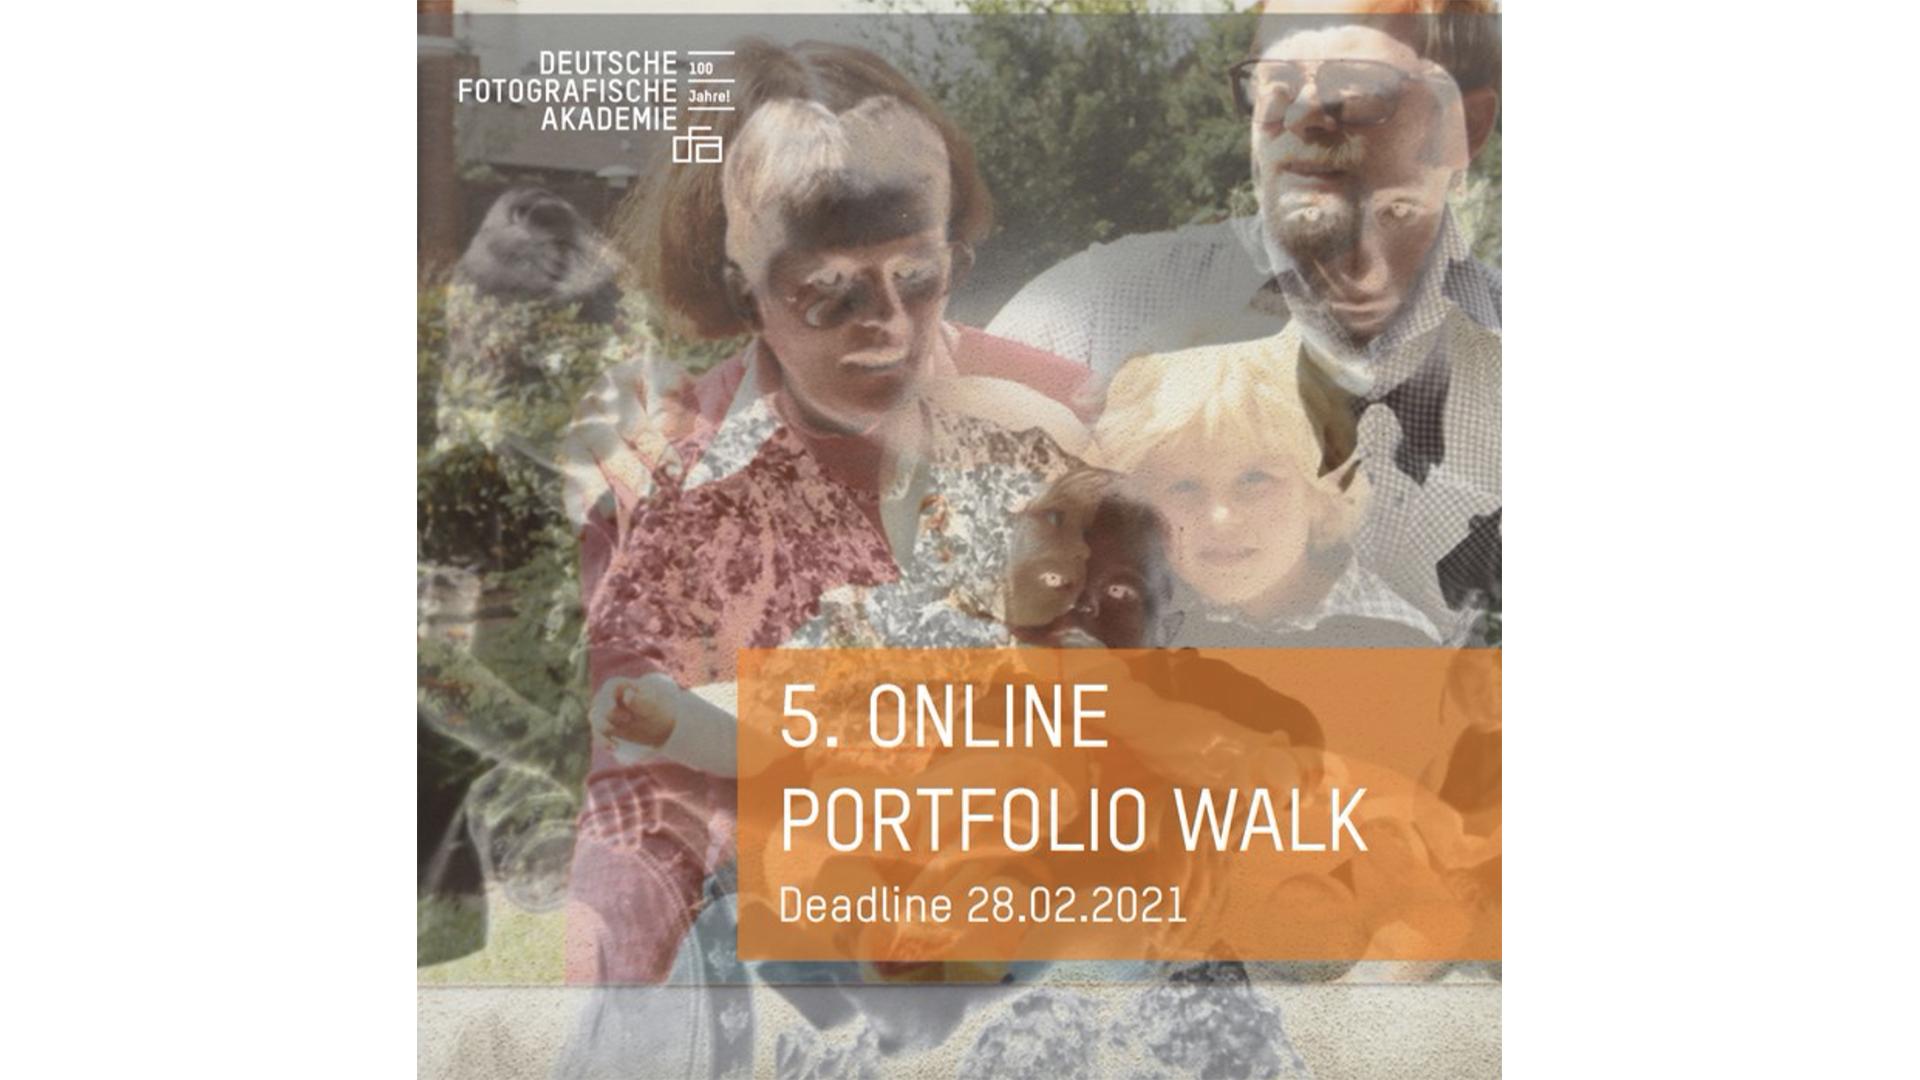 5. Online Portfolio Walk